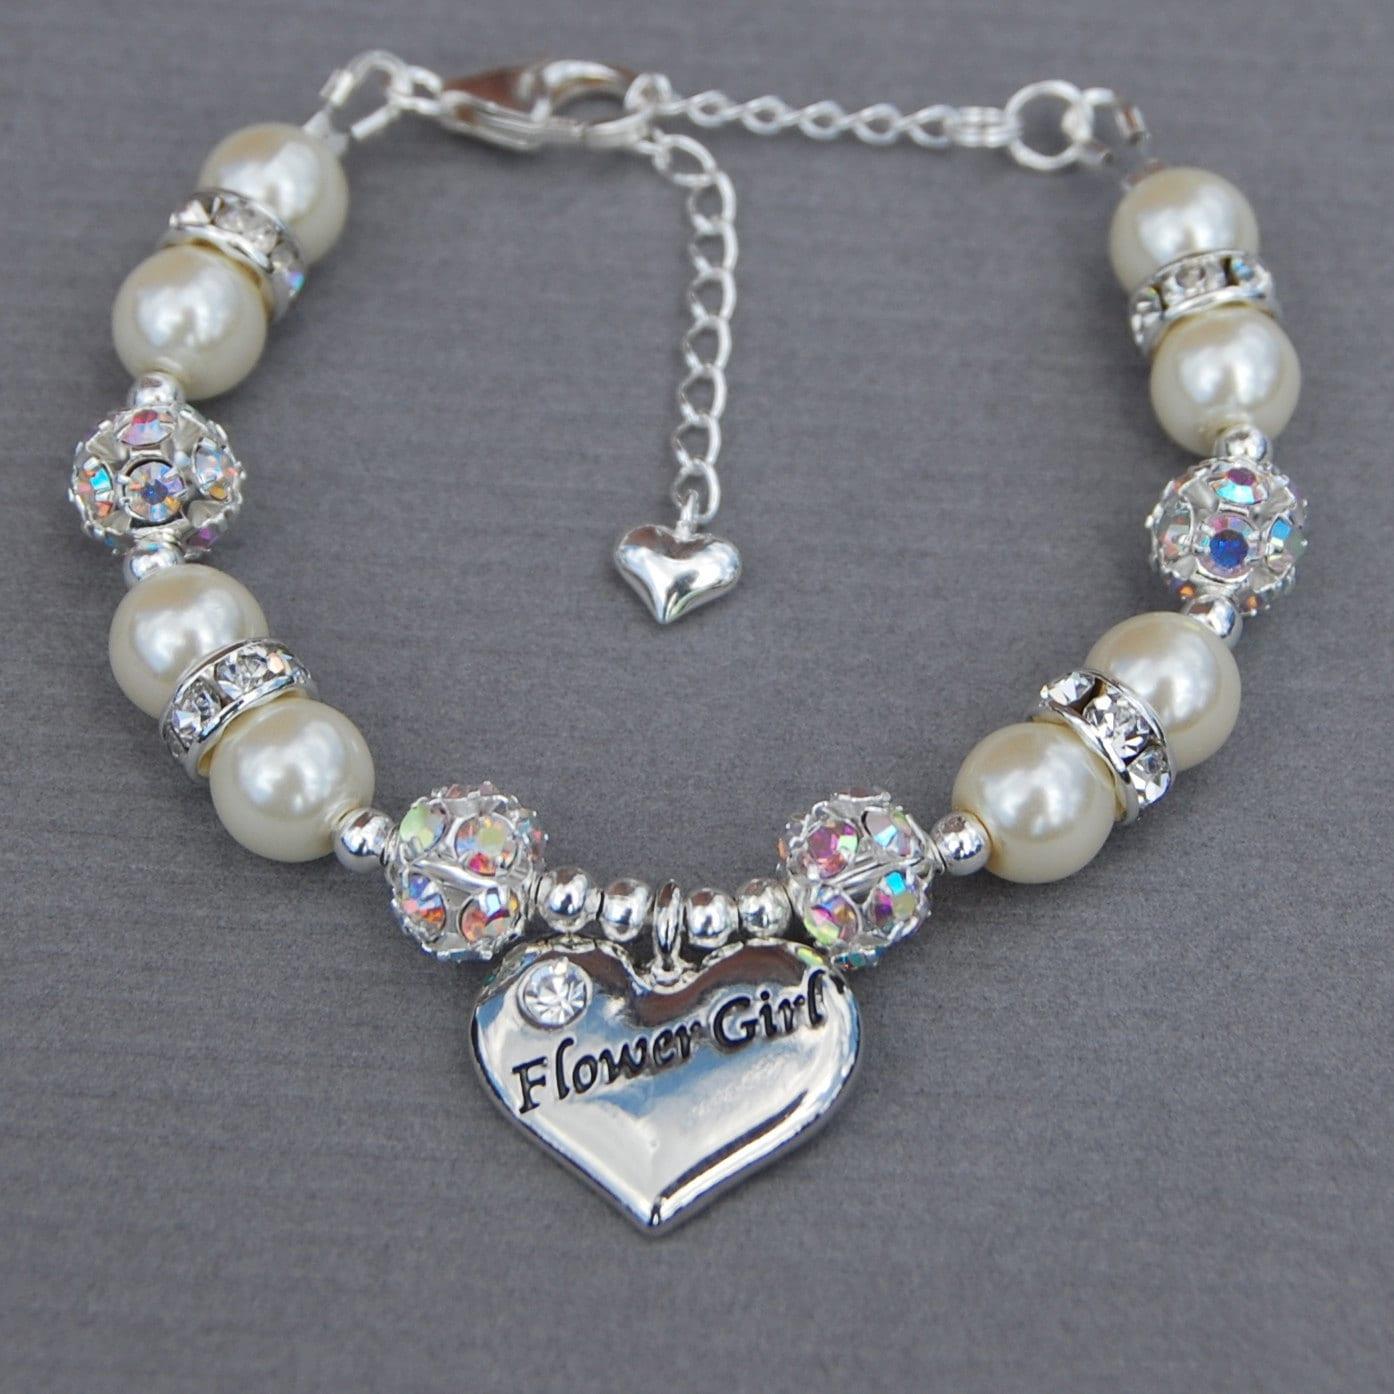 Flower girl Bracelet Girls Wedding Jewelry Gift for Flower